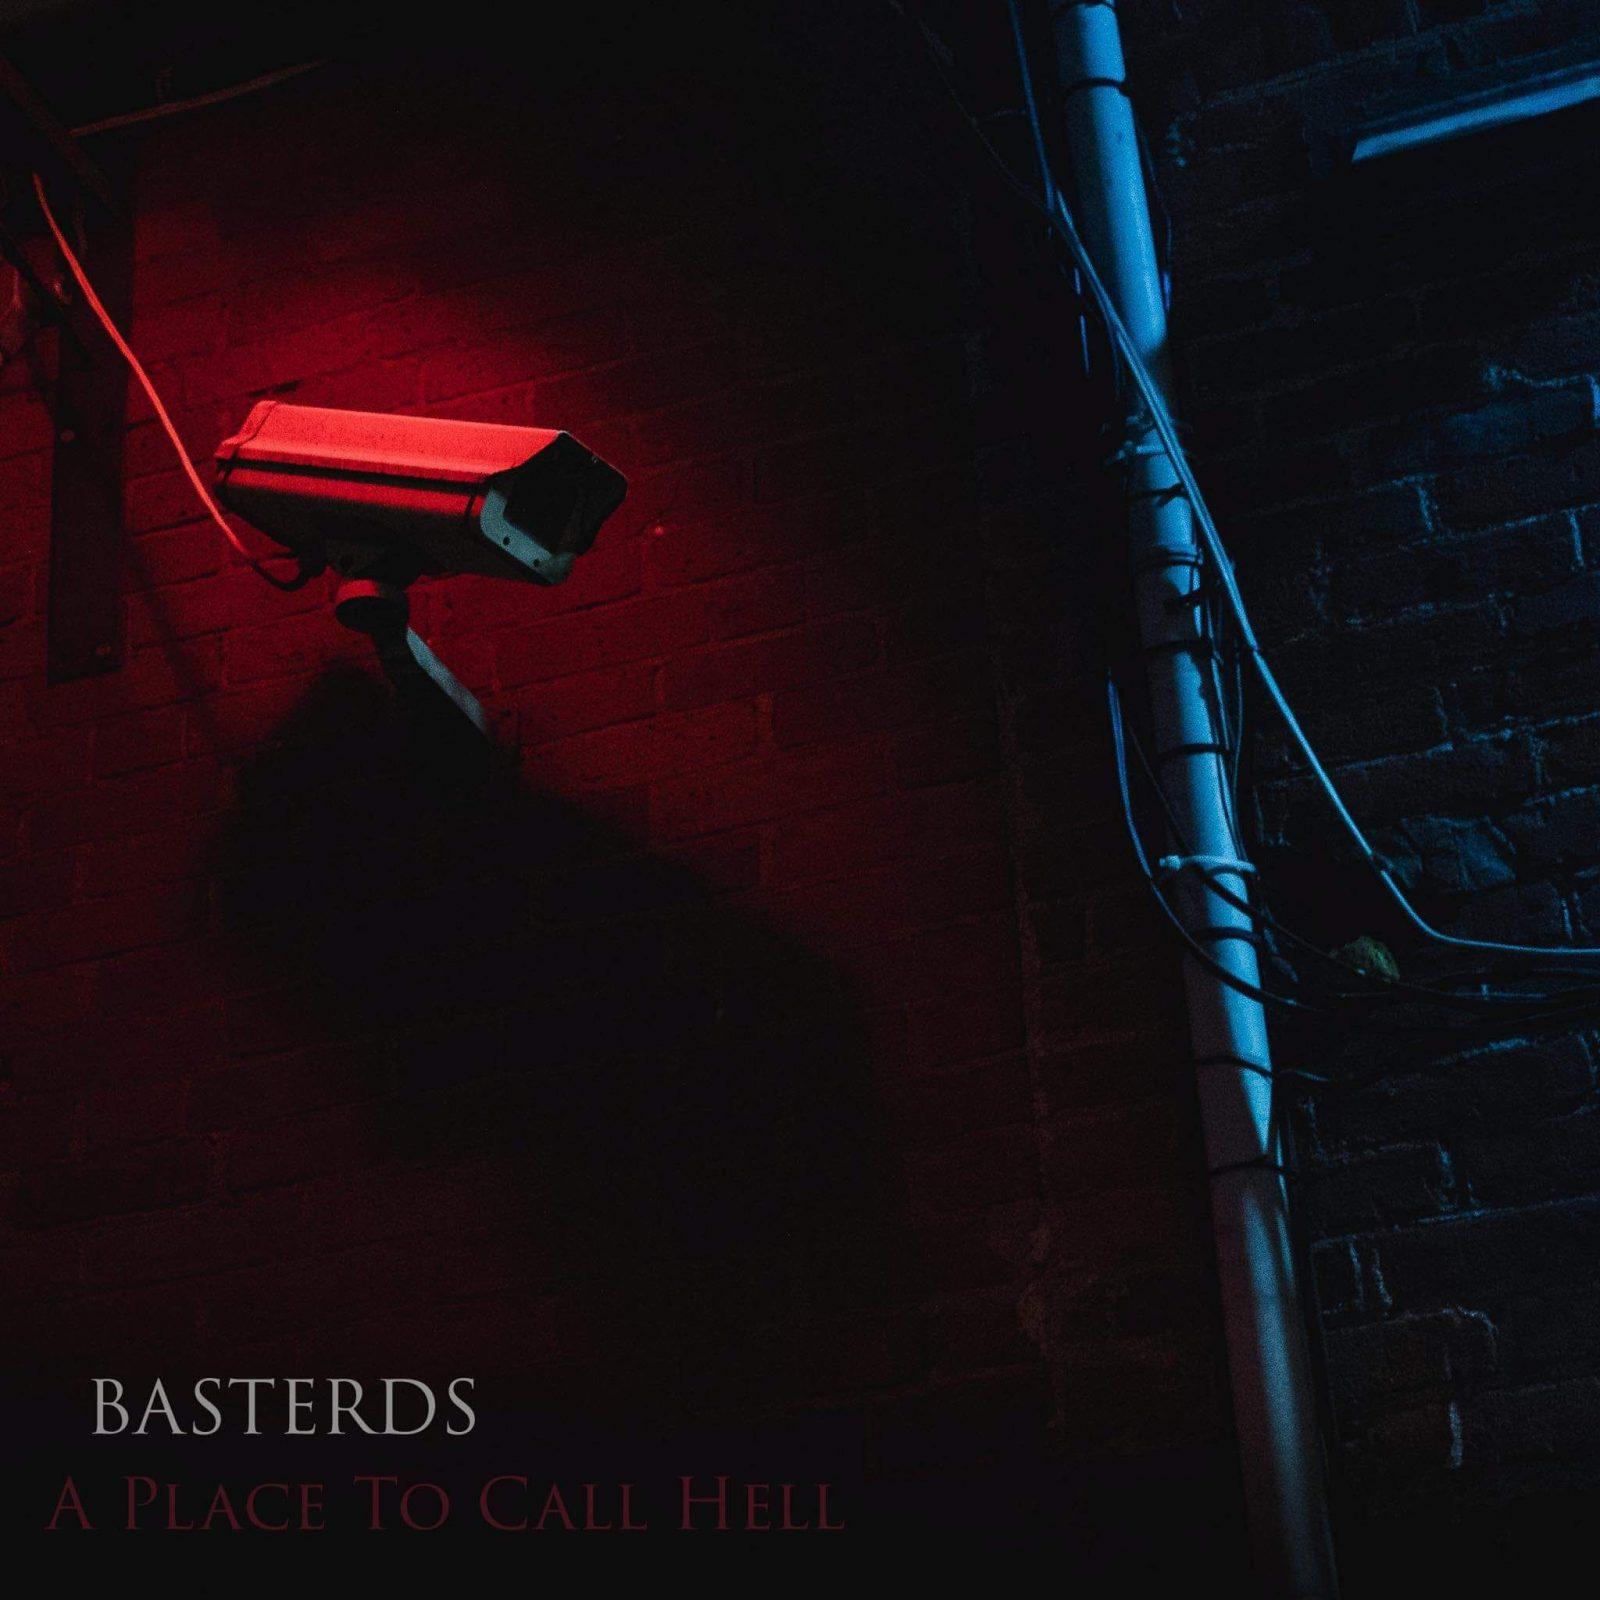 La santé mentale au cœur du premier album du groupe Basterds